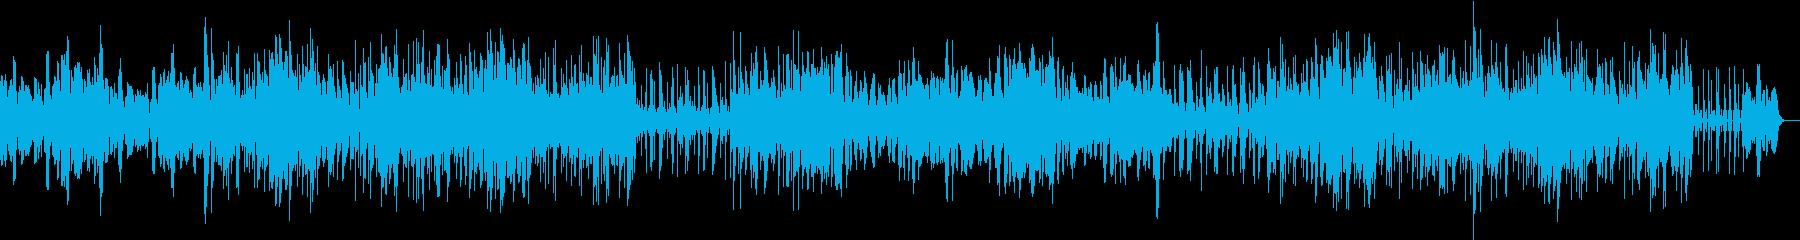 シンセサイザーによるストレッチ音楽の再生済みの波形